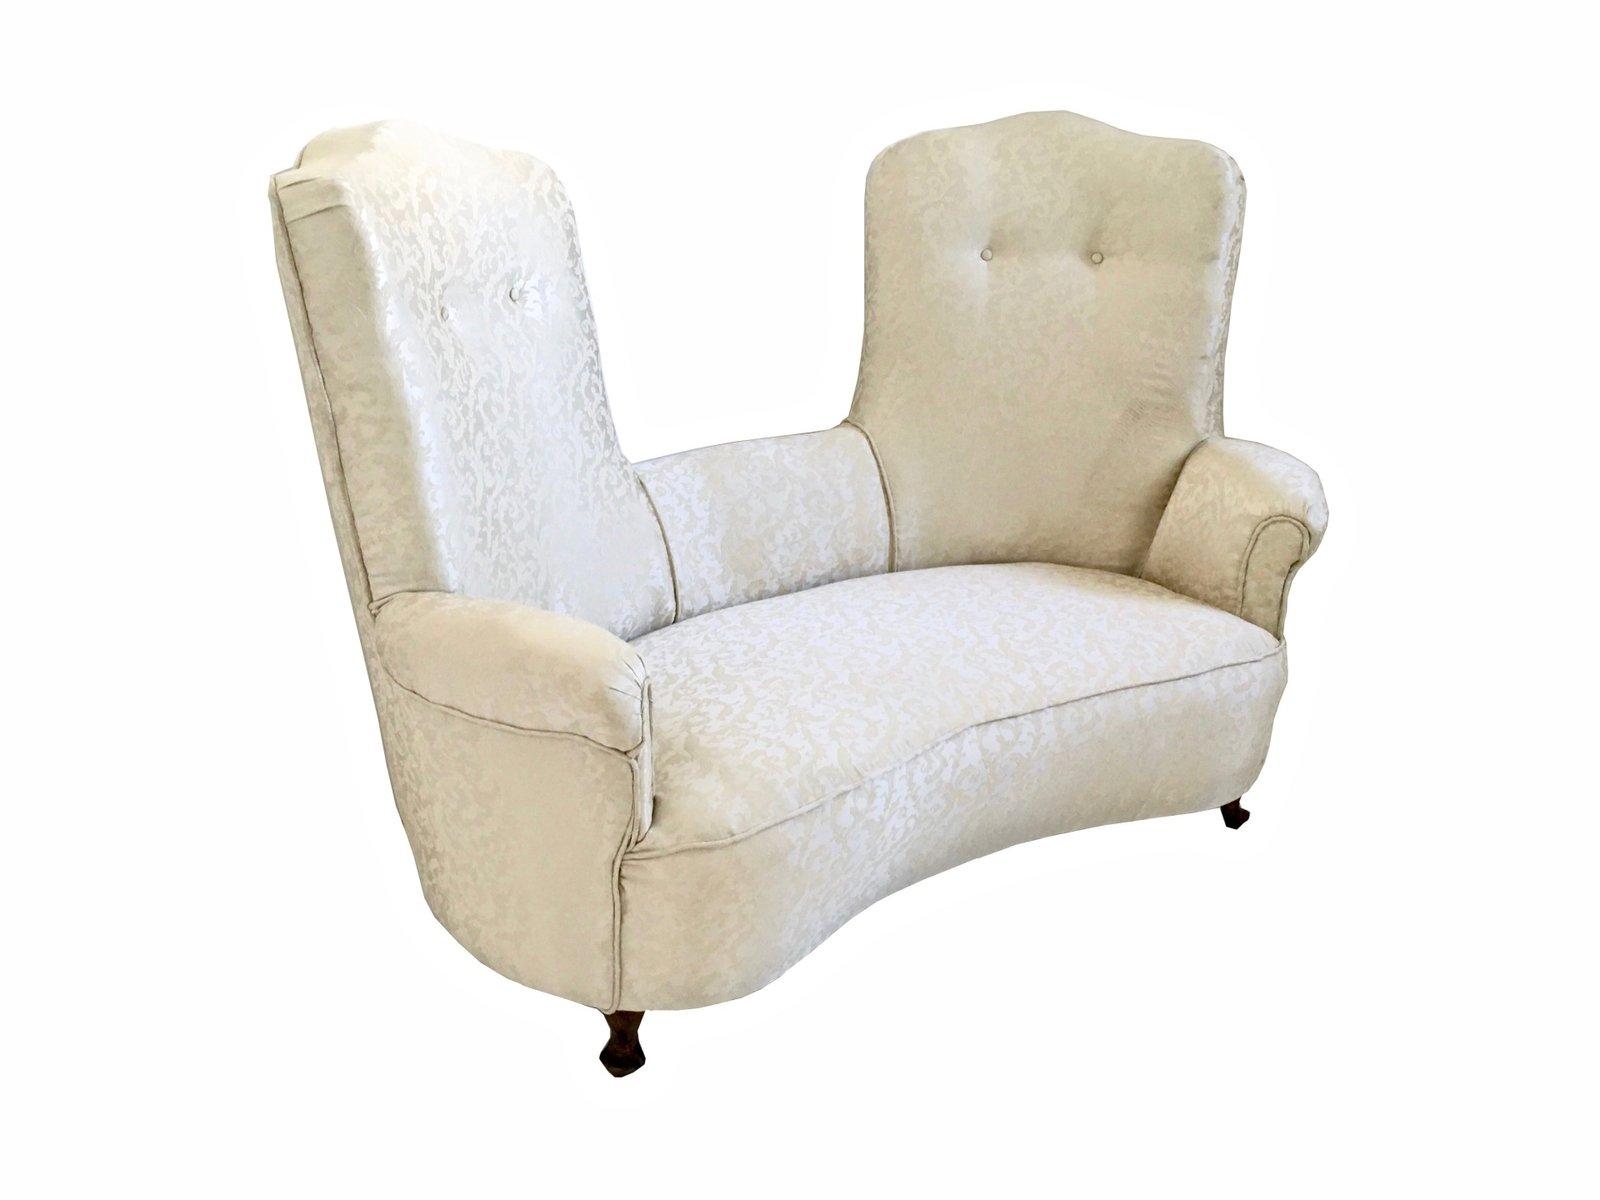 italienisches sofa aus stoff mit holzf en 1950er bei pamono kaufen. Black Bedroom Furniture Sets. Home Design Ideas